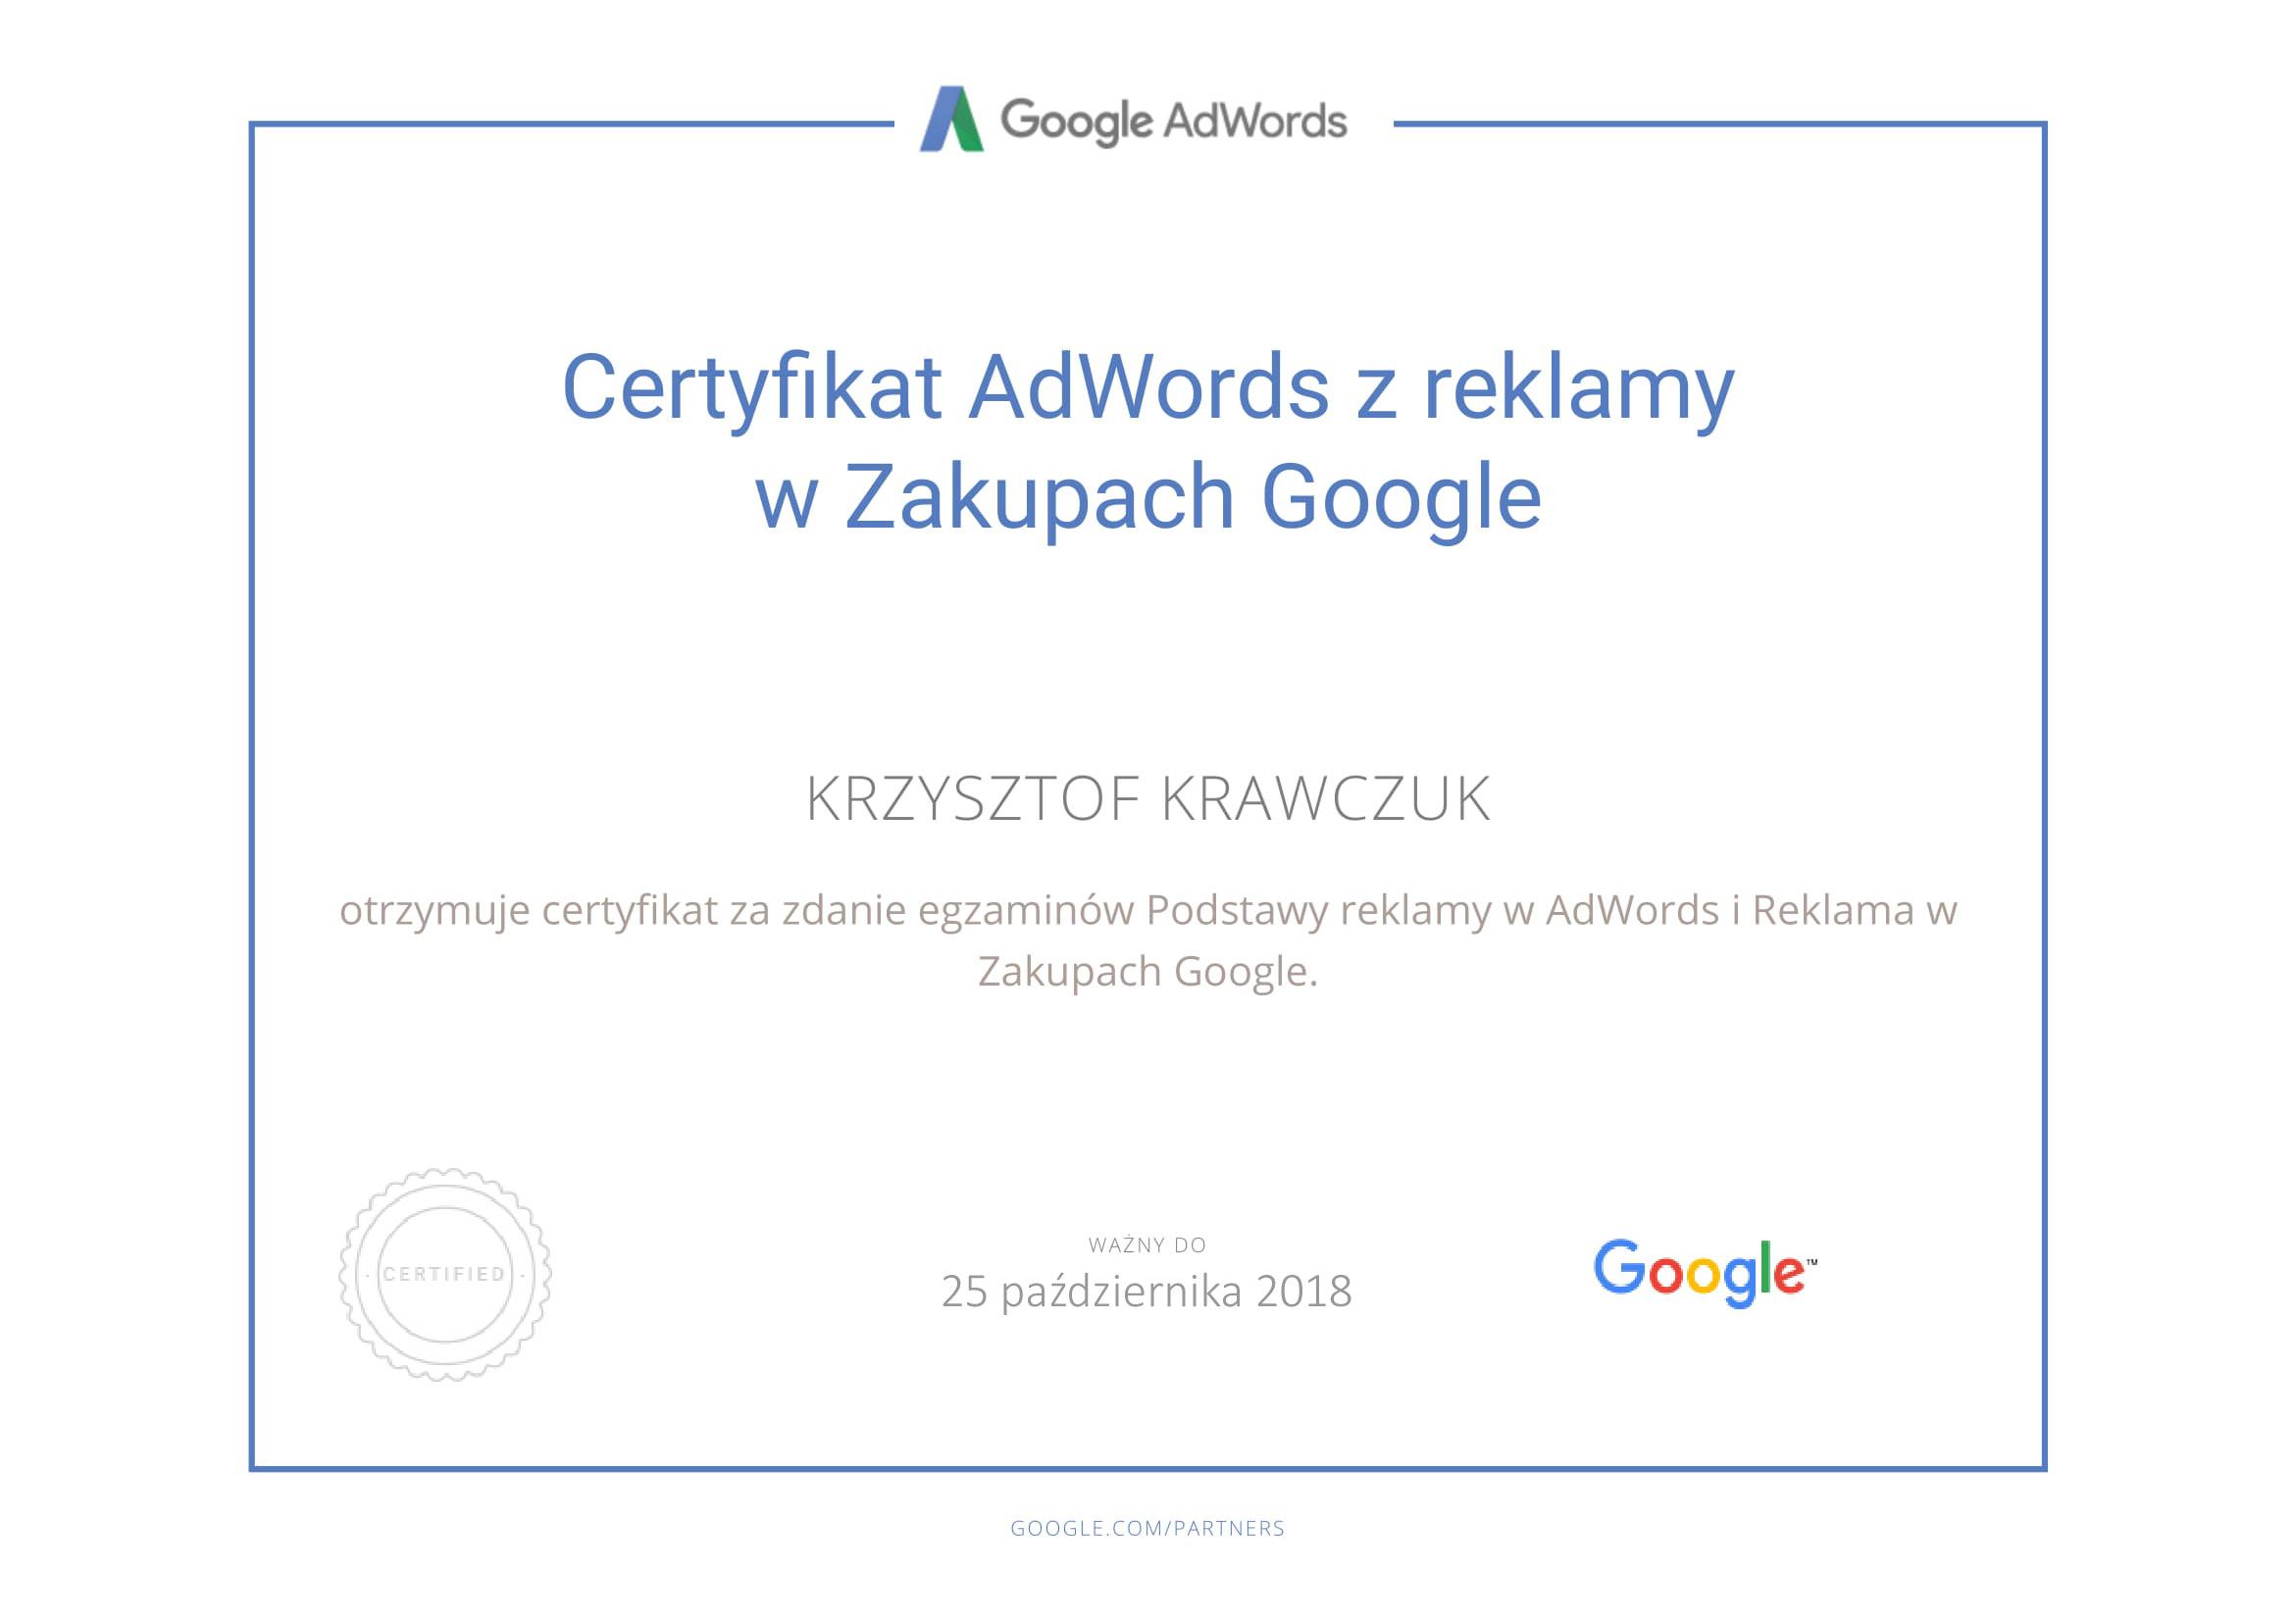 Certyfikat z reklamy w zakupach Google